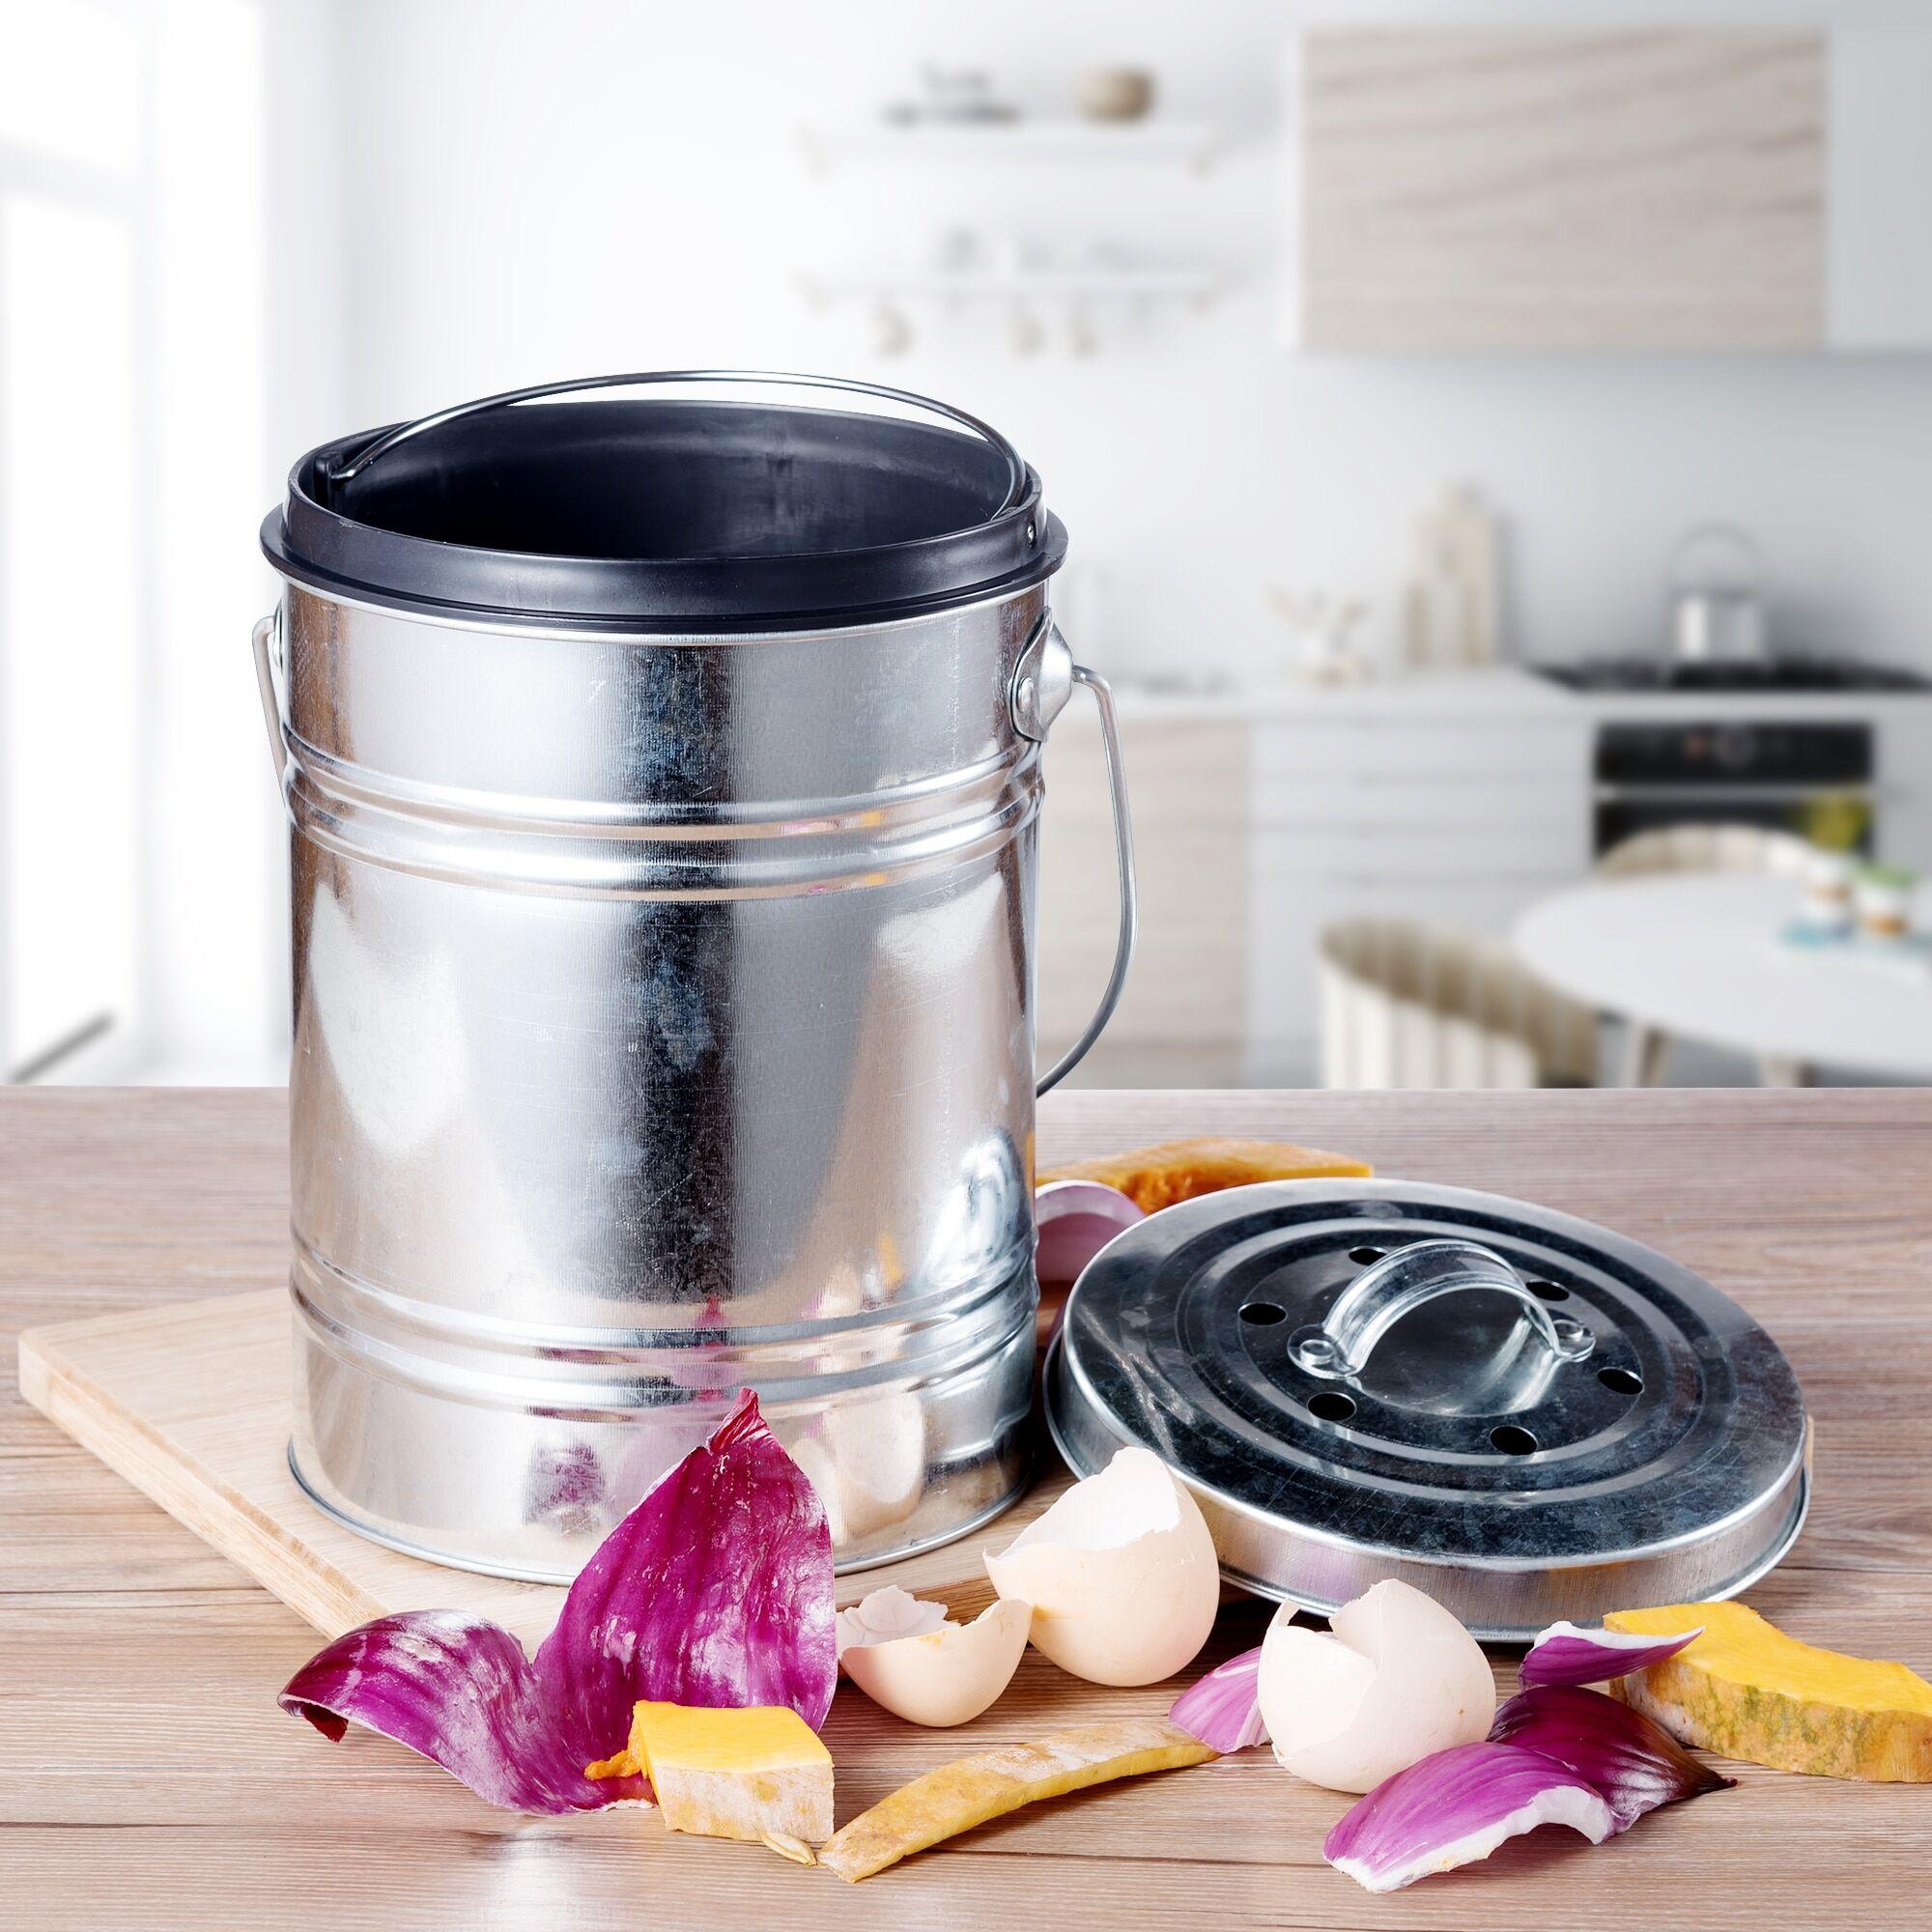 AliExpress Bac à composter 3L en acier inoxydable, pour résidus de légumes, usage domestique, Durable, cuisine,